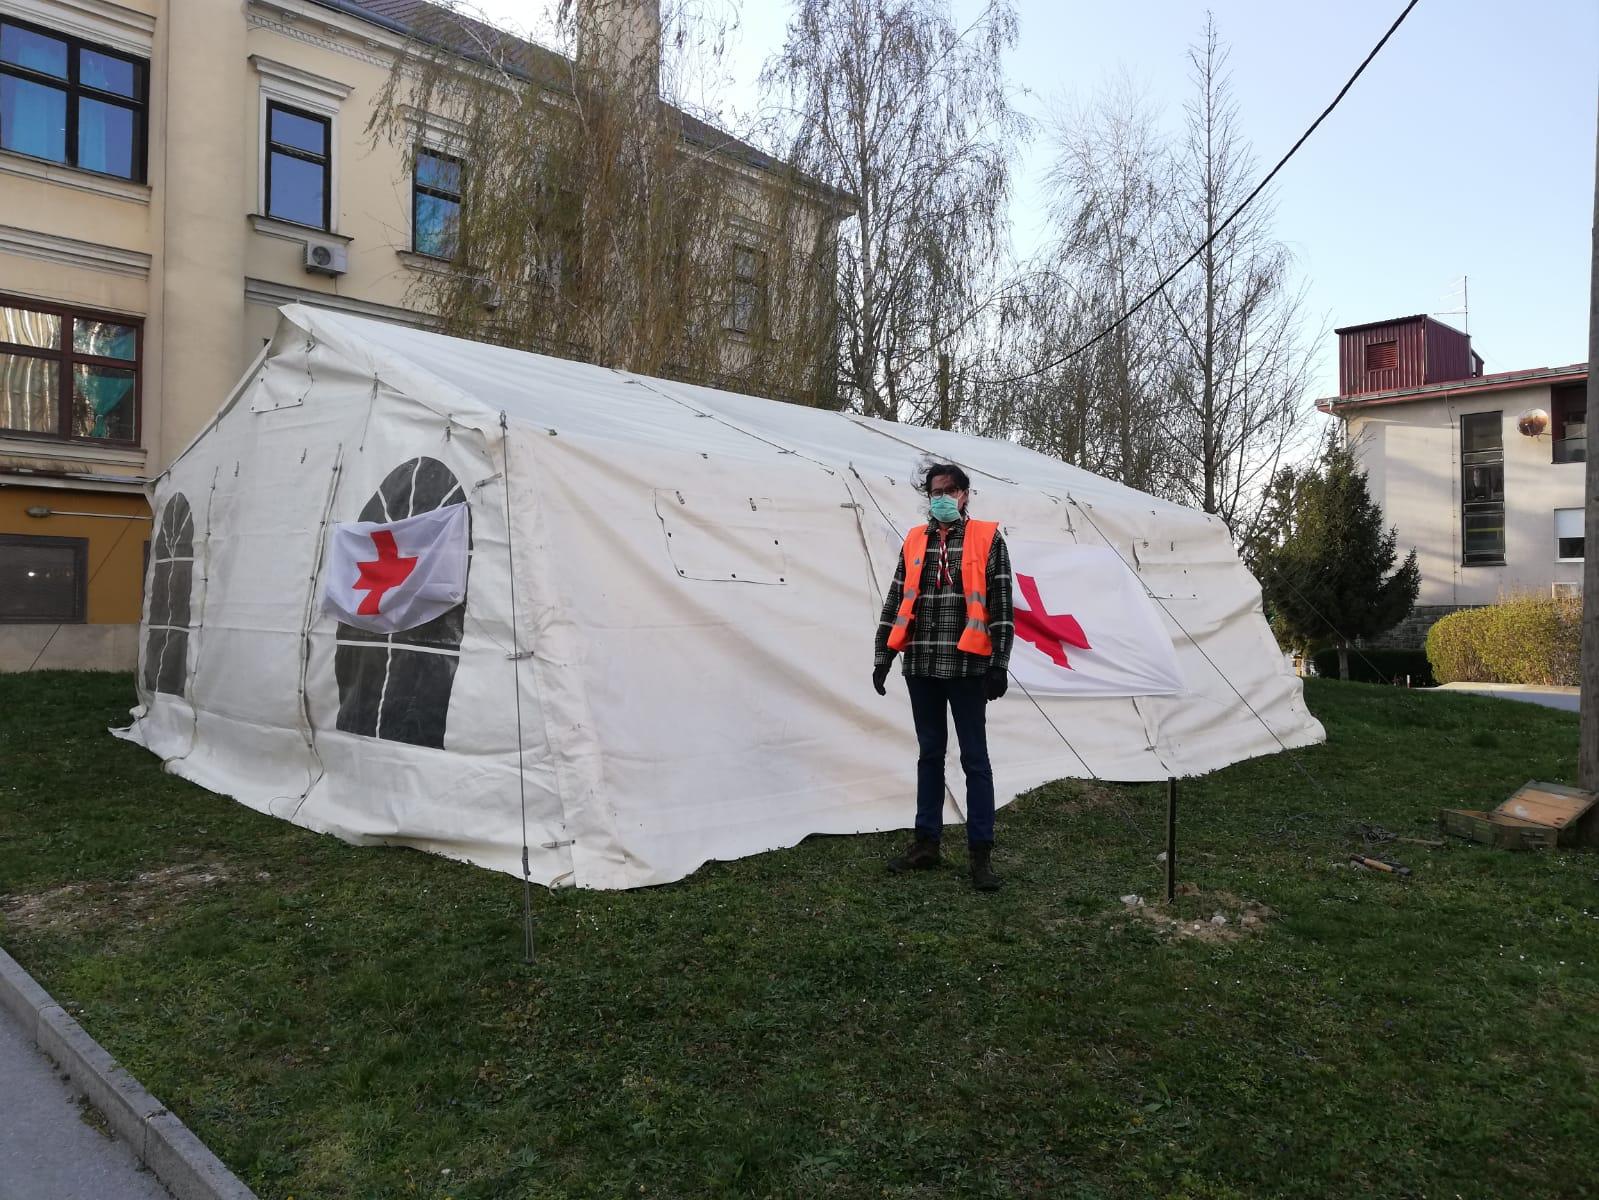 Odredski šator ispred Opće bolnice u Sisku